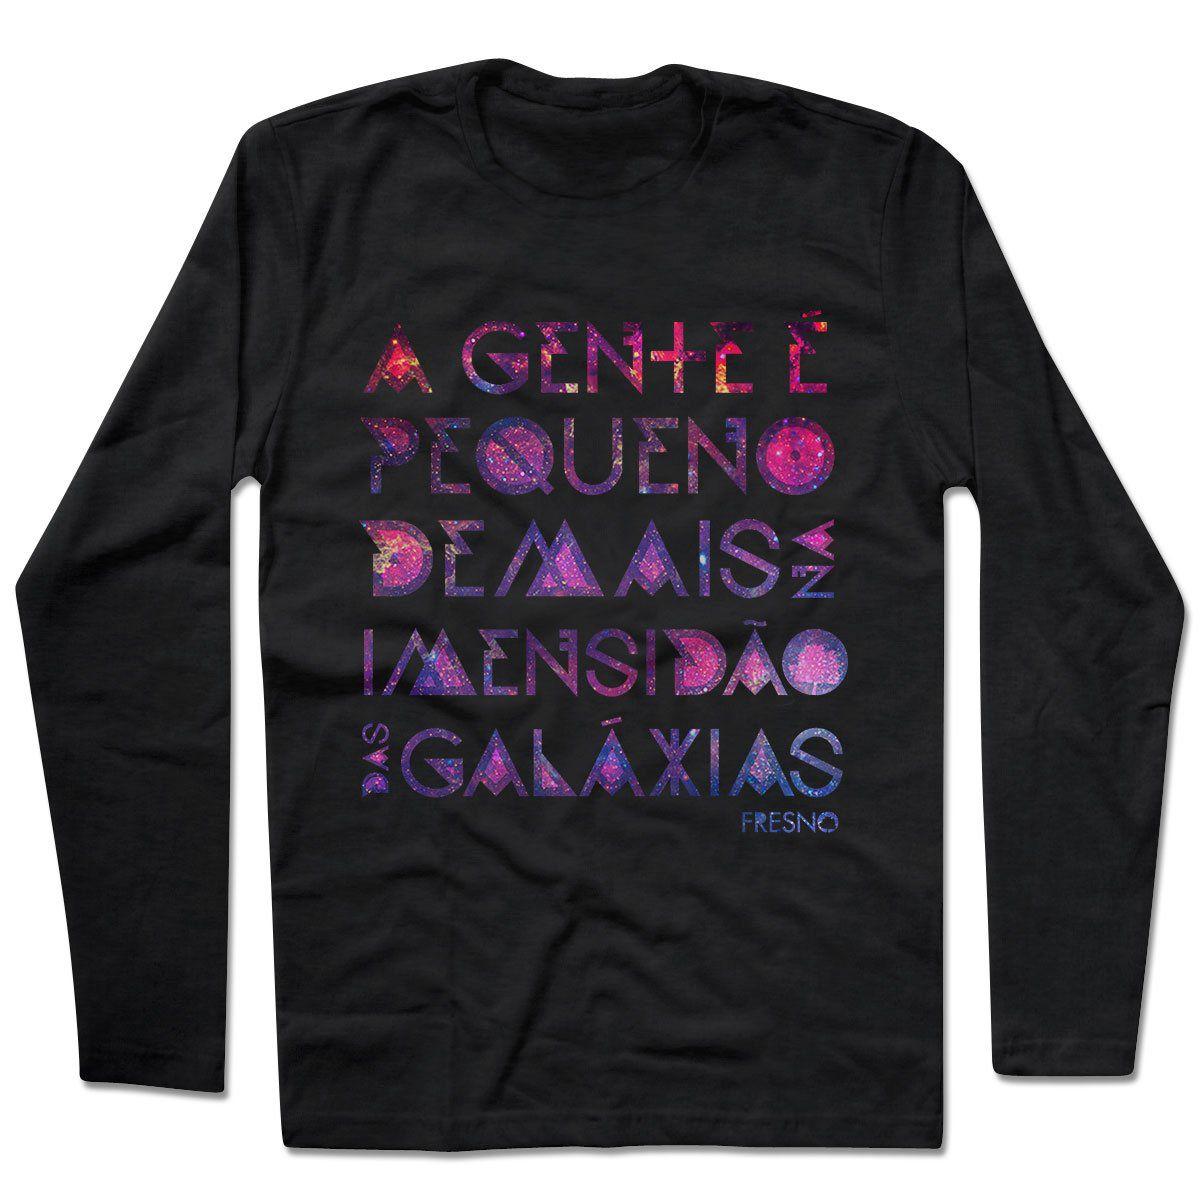 Camiseta Manga Longa Fresno - Galáxias Preta